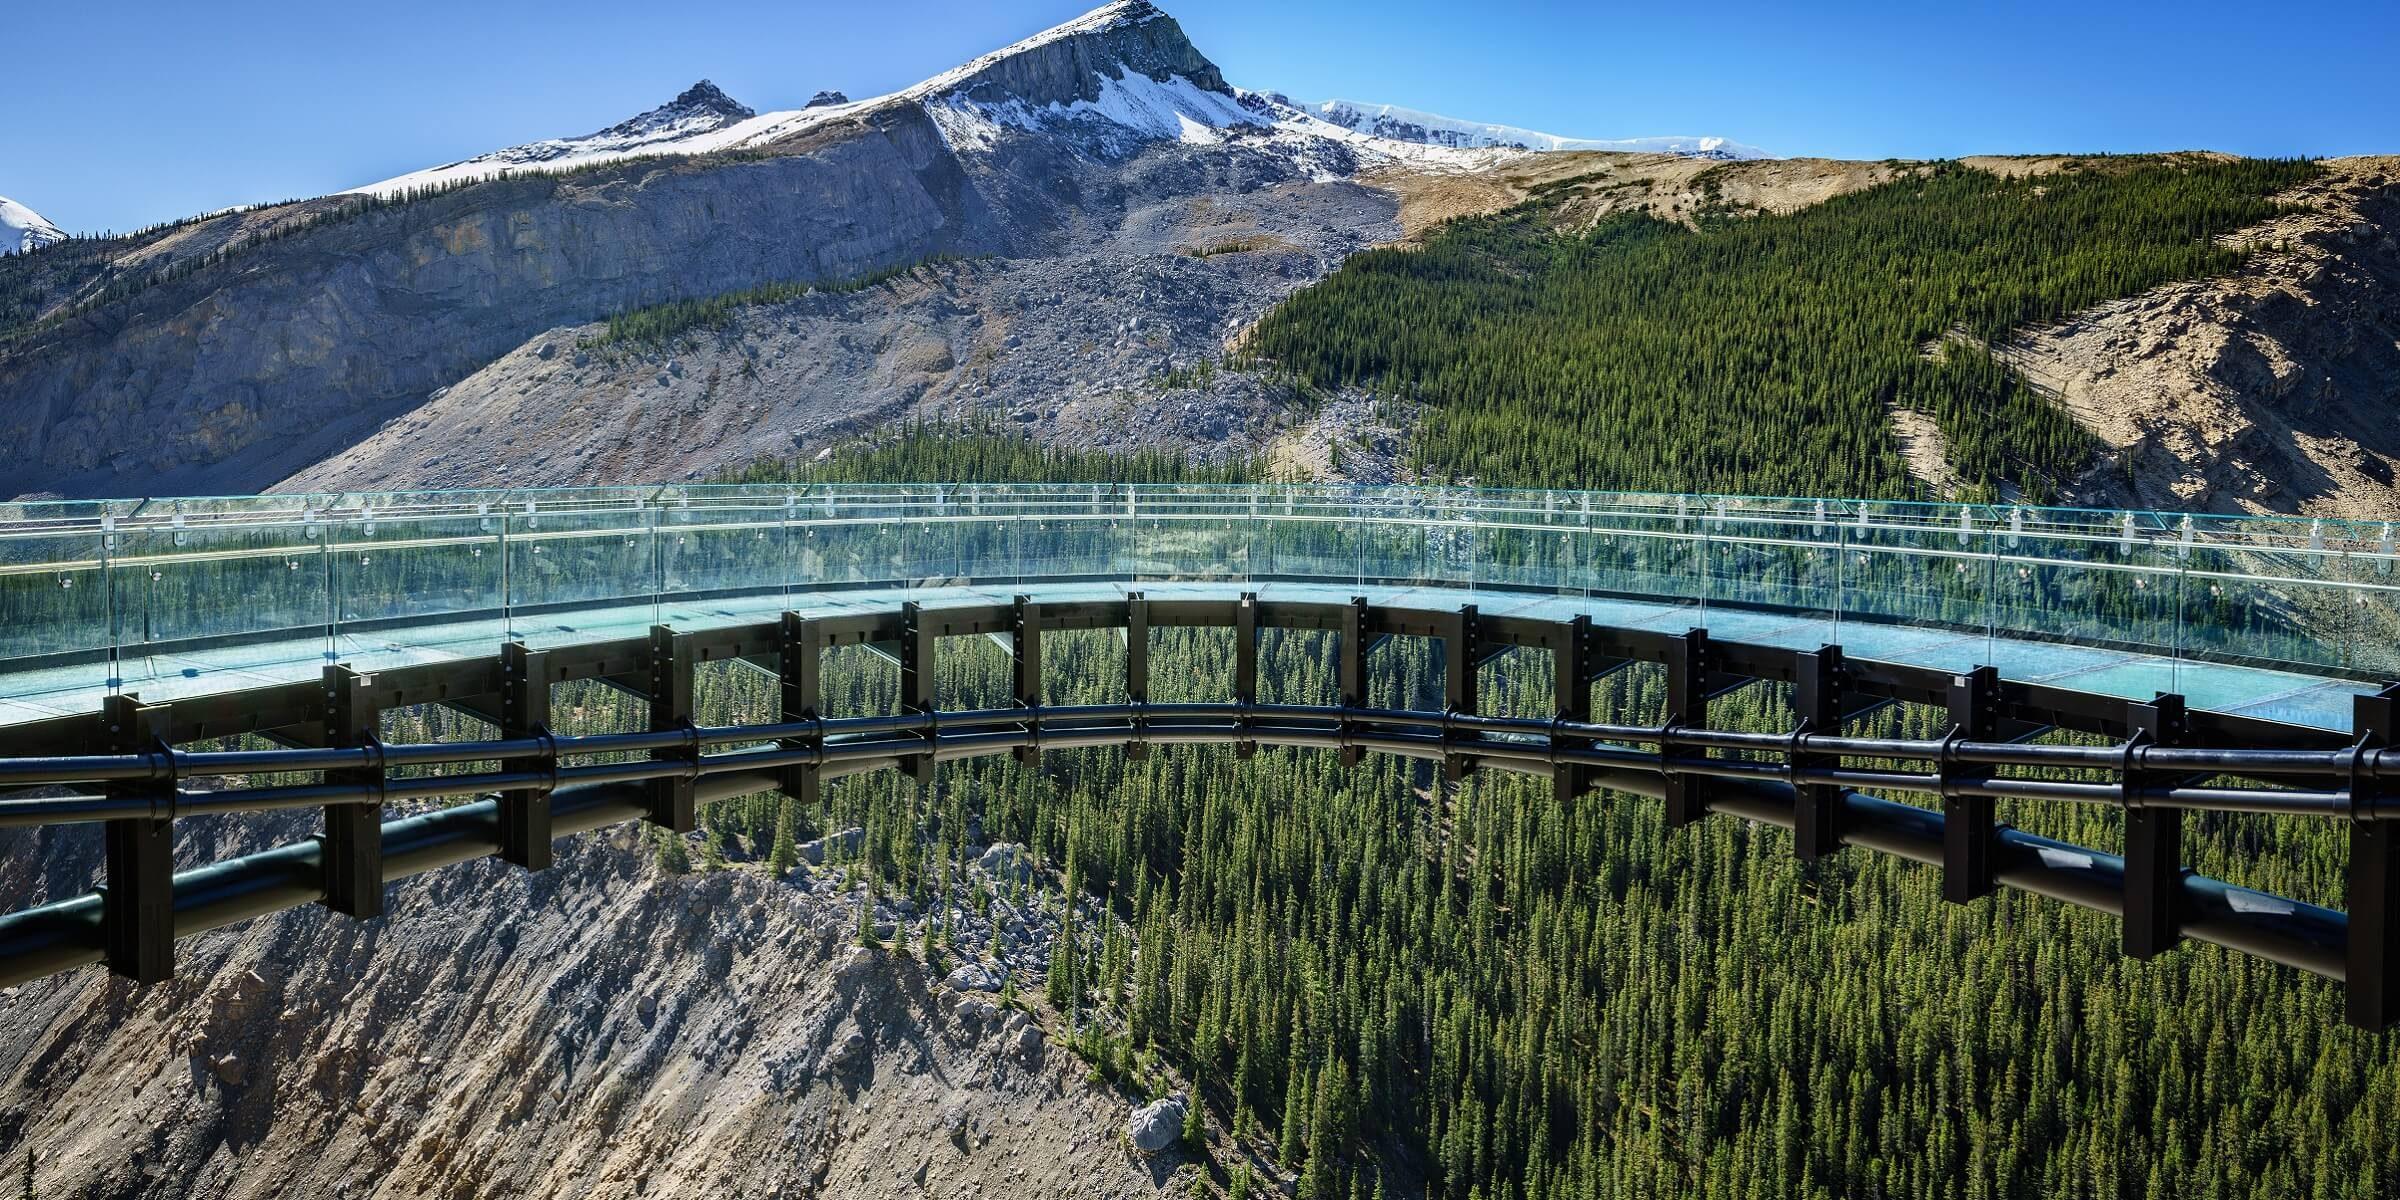 Spannung pur: der gläserne Skywalk in Kanada wird dem ein oder anderen die Nerven rauben